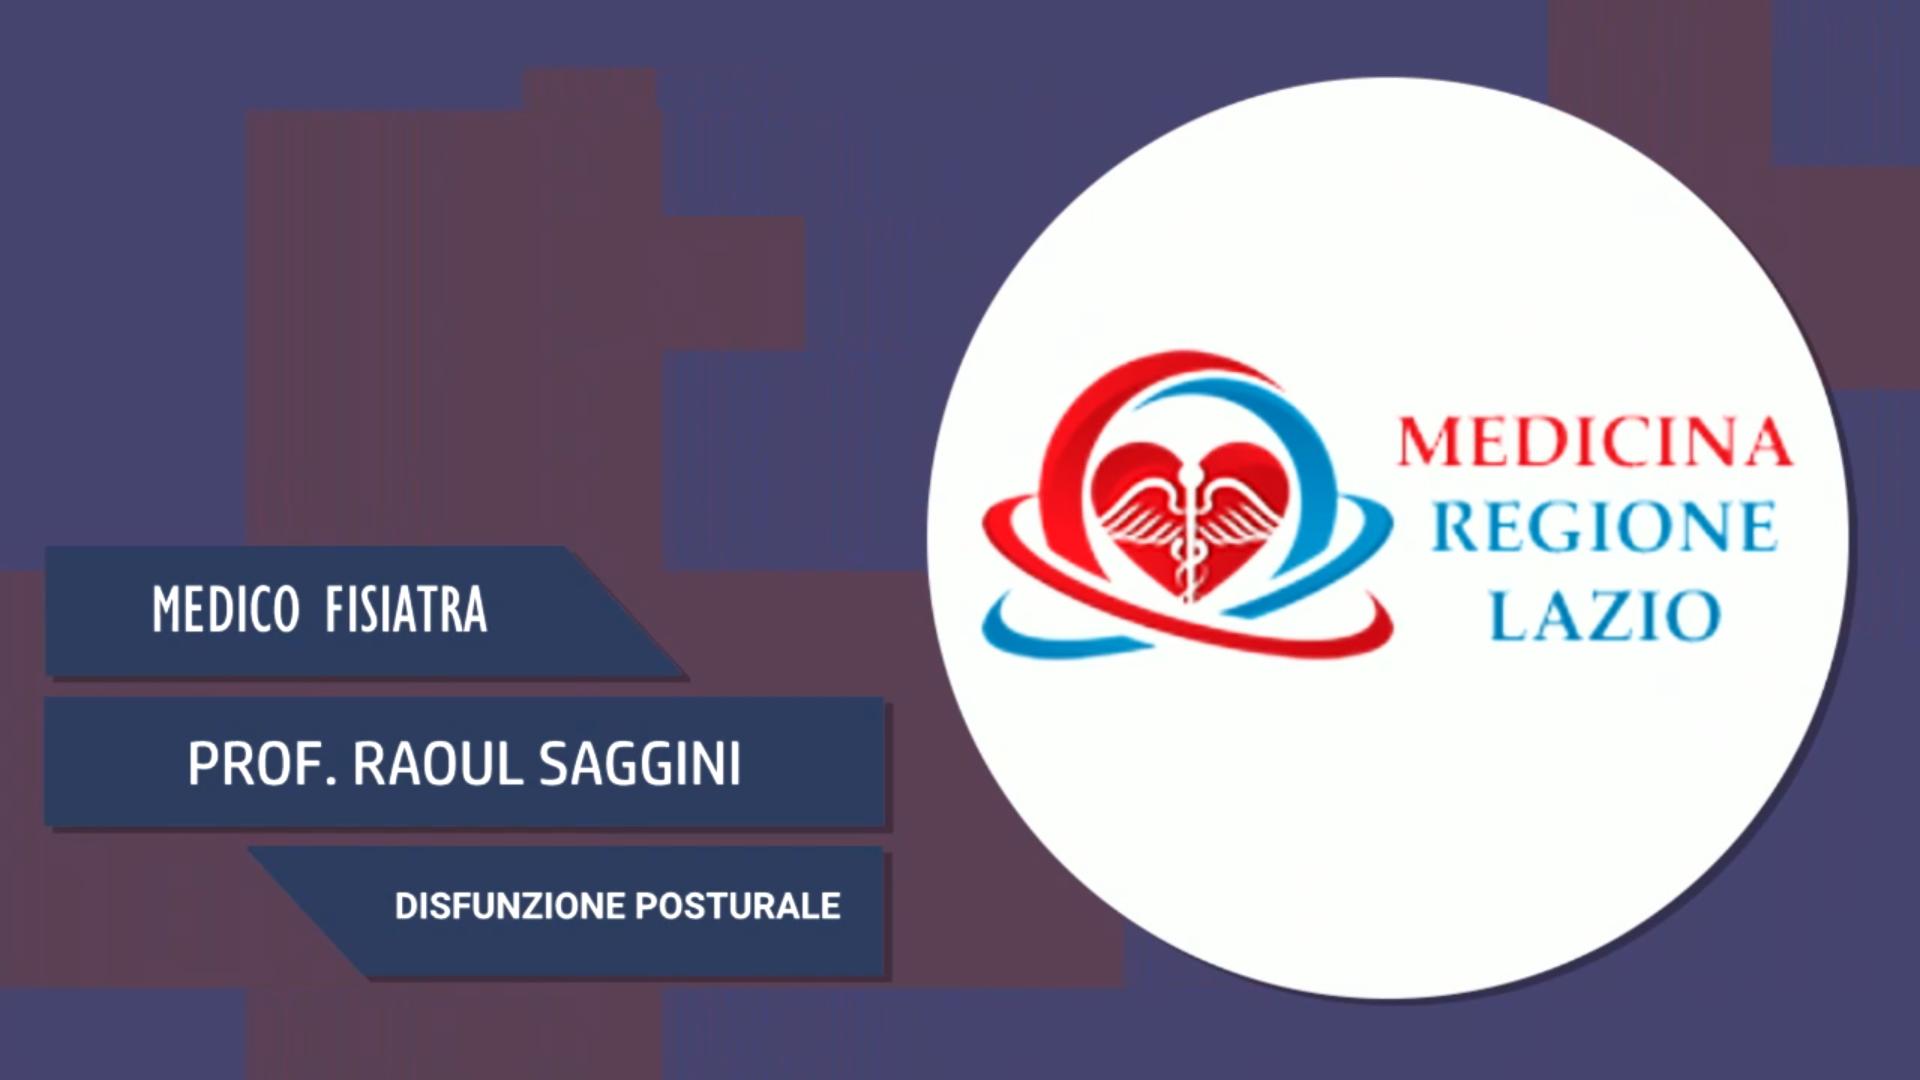 Intervista al Prof. Raoul Saggini – Disfunzione posturale